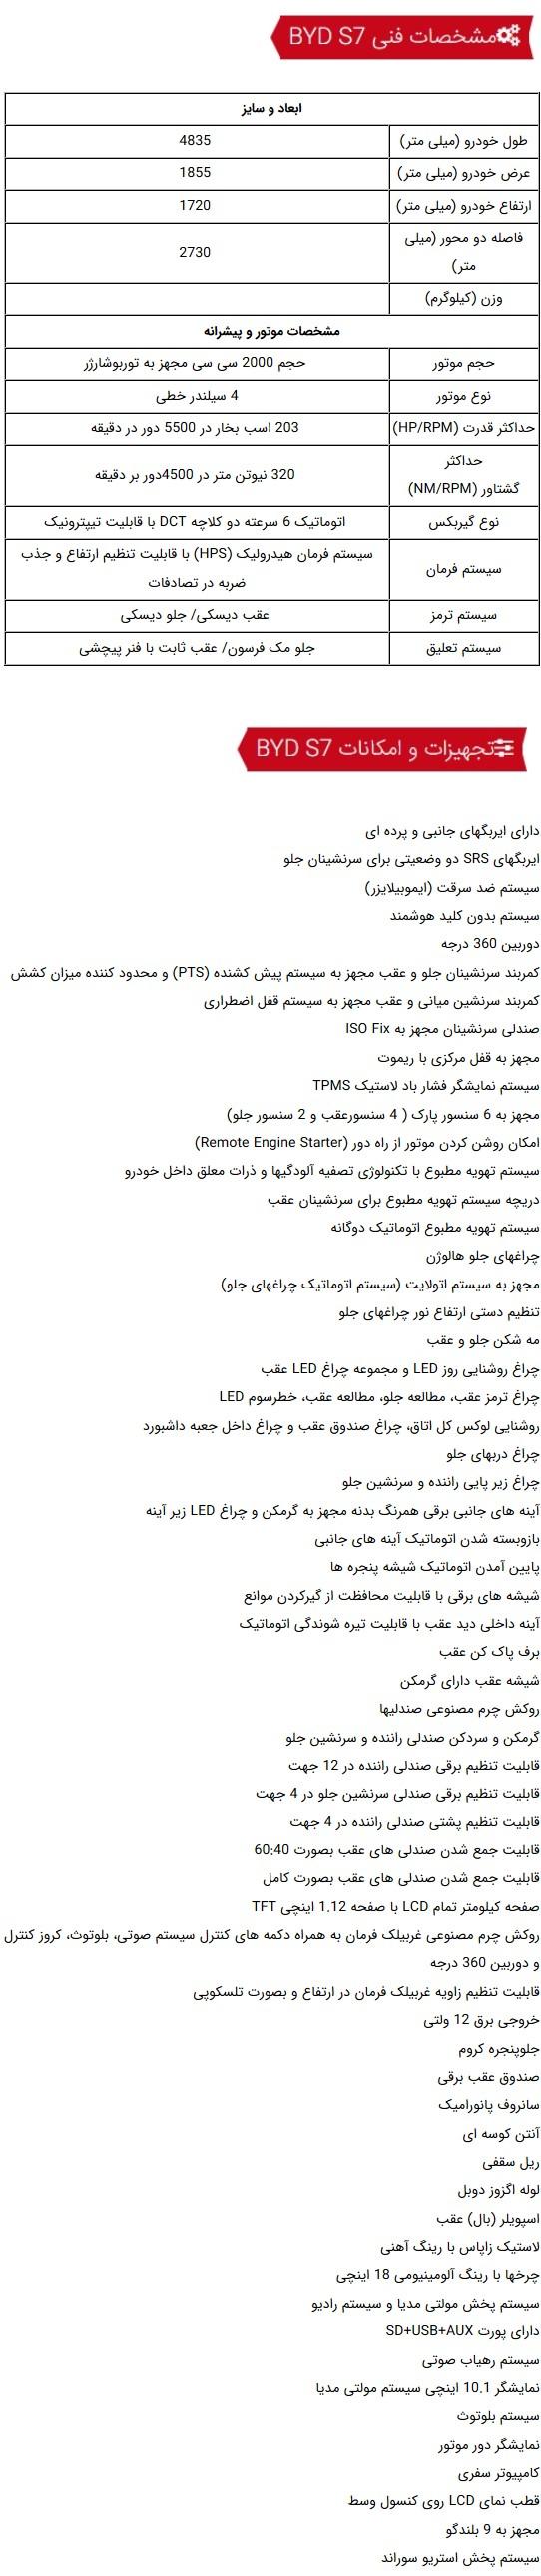 رونمایی از بی وای دی S7 در نمایشگاه خودروی تهران + مشخصات کامل